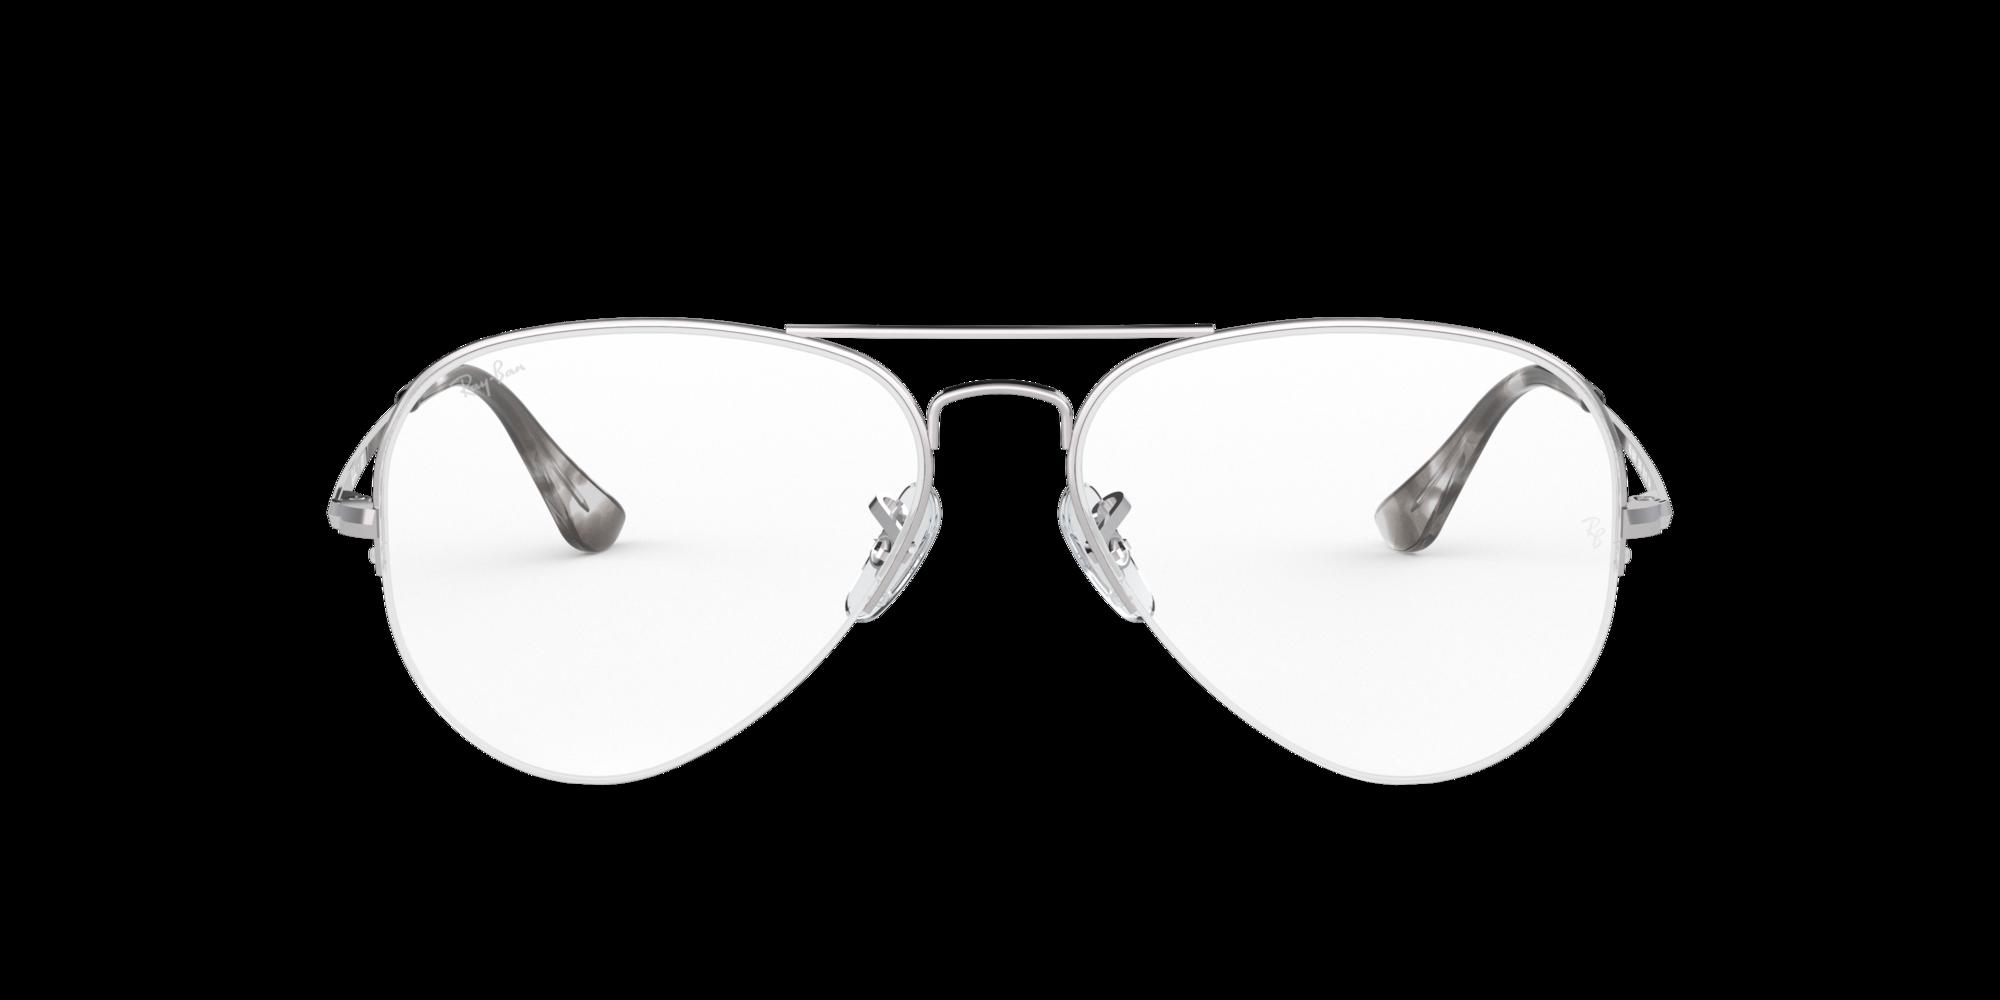 Imagen para RX6589 de LensCrafters |  Espejuelos, espejuelos graduados en línea, gafas